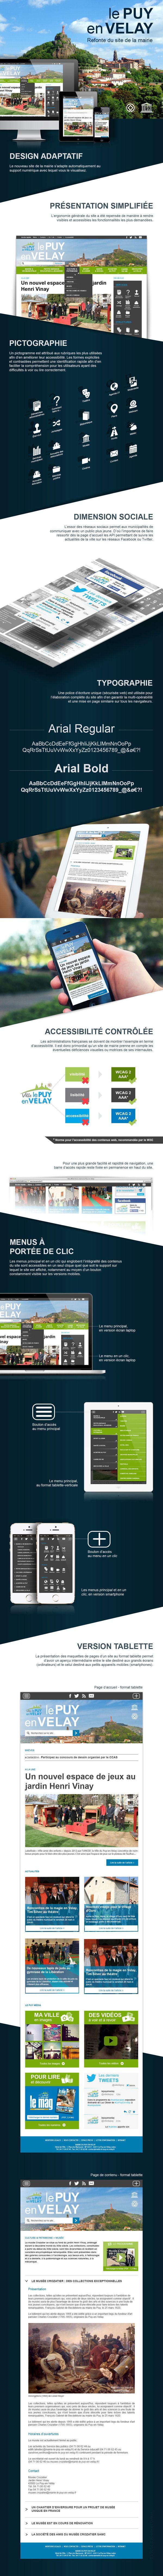 Refonte - Mairie Le Puy-en-Velay by Klément Grisel, via Behance